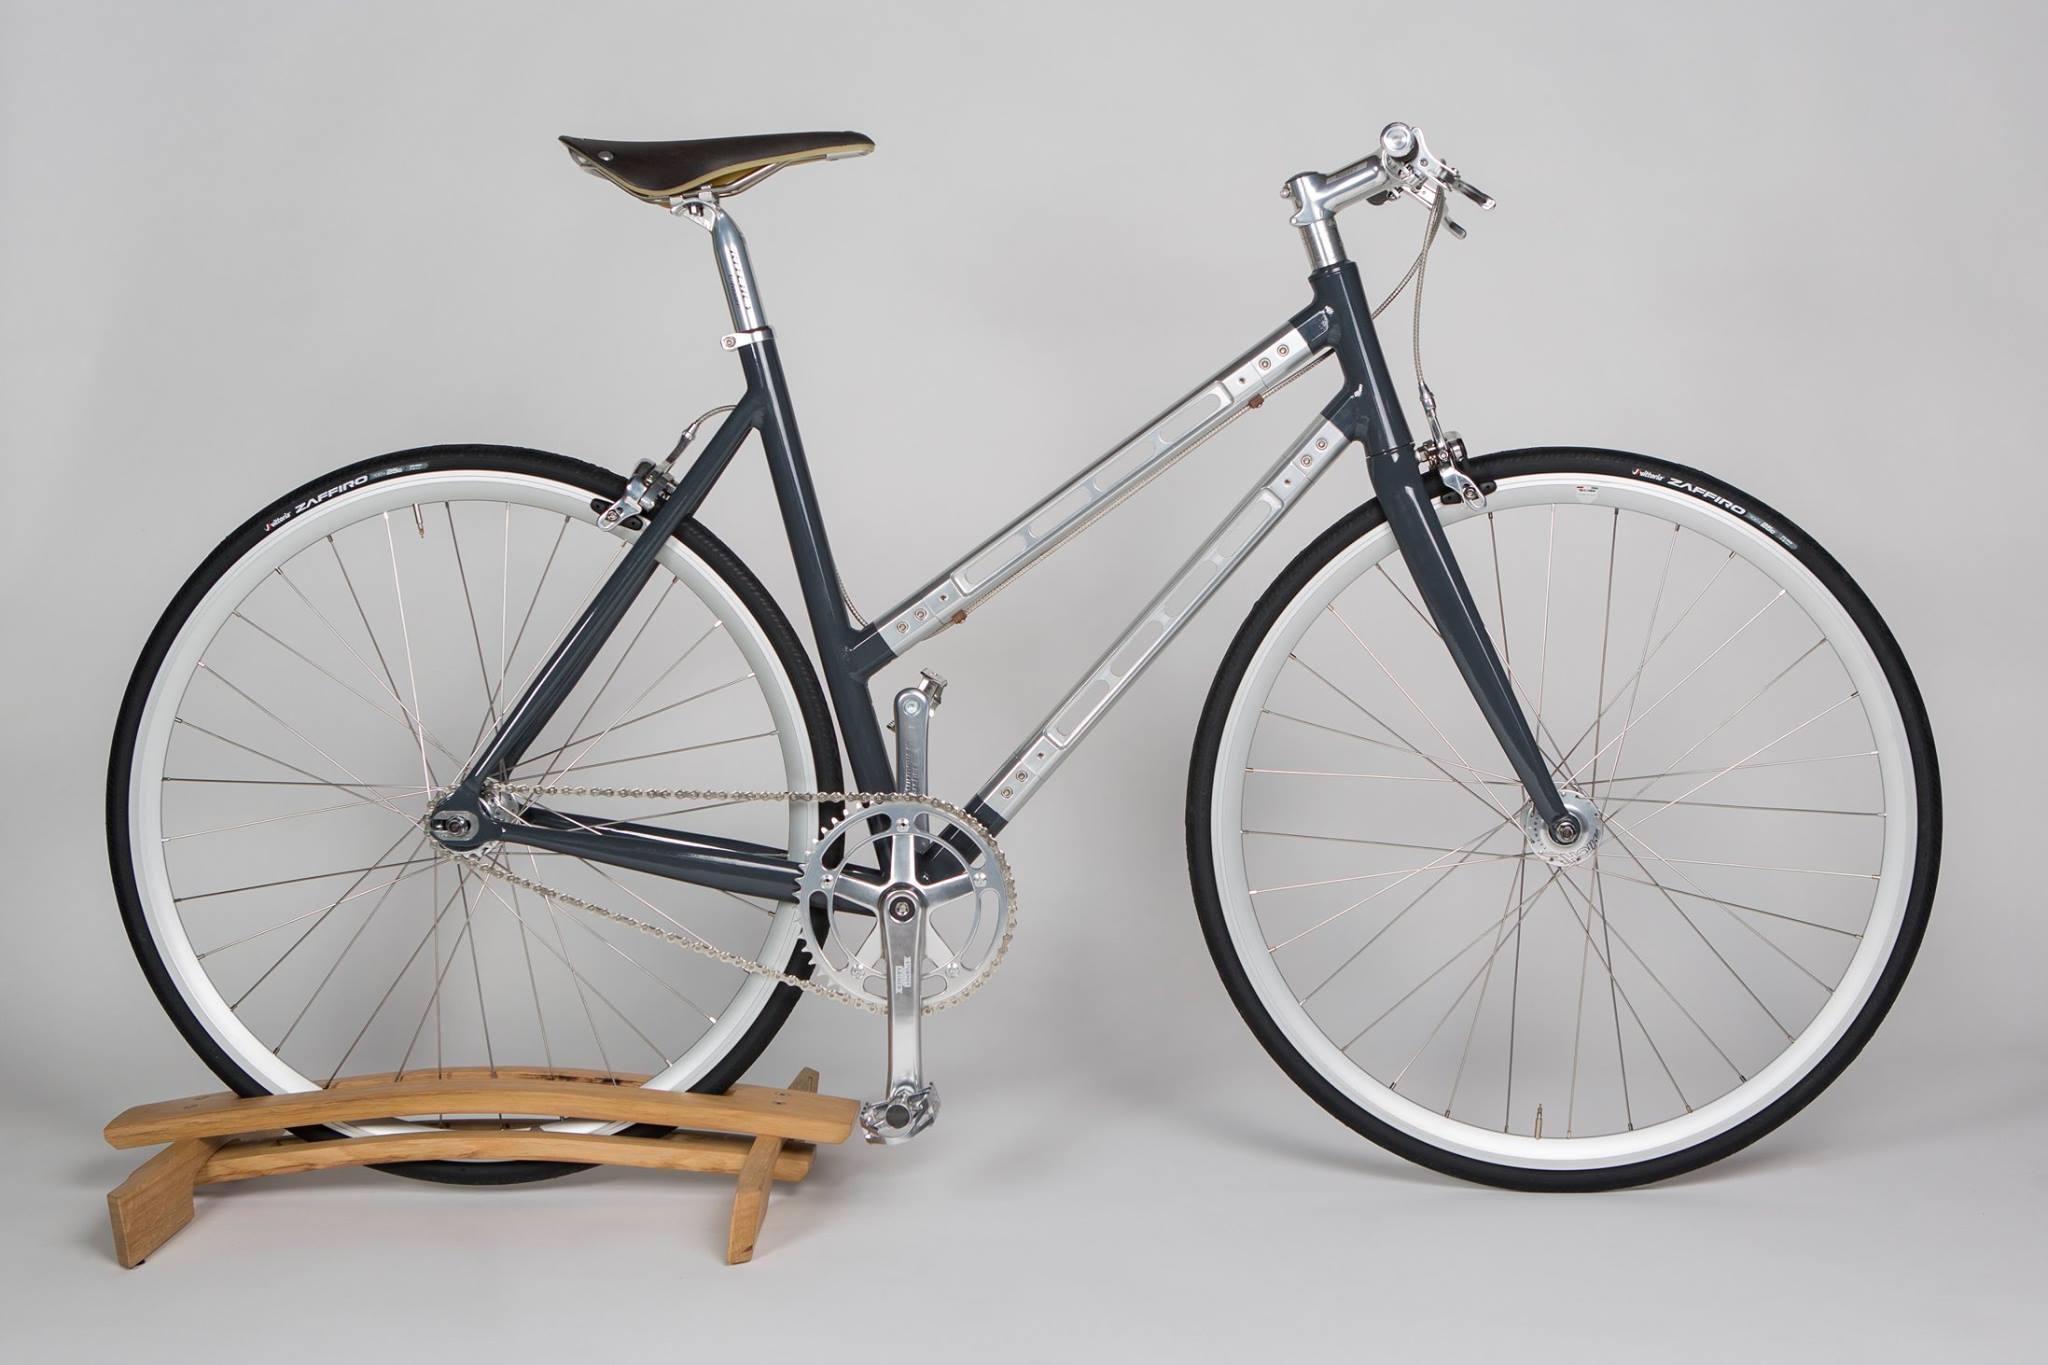 La bicicletta progettata da Andrea Colussi, prodotta grazie al microcredito del Lions Club Padova Certosa